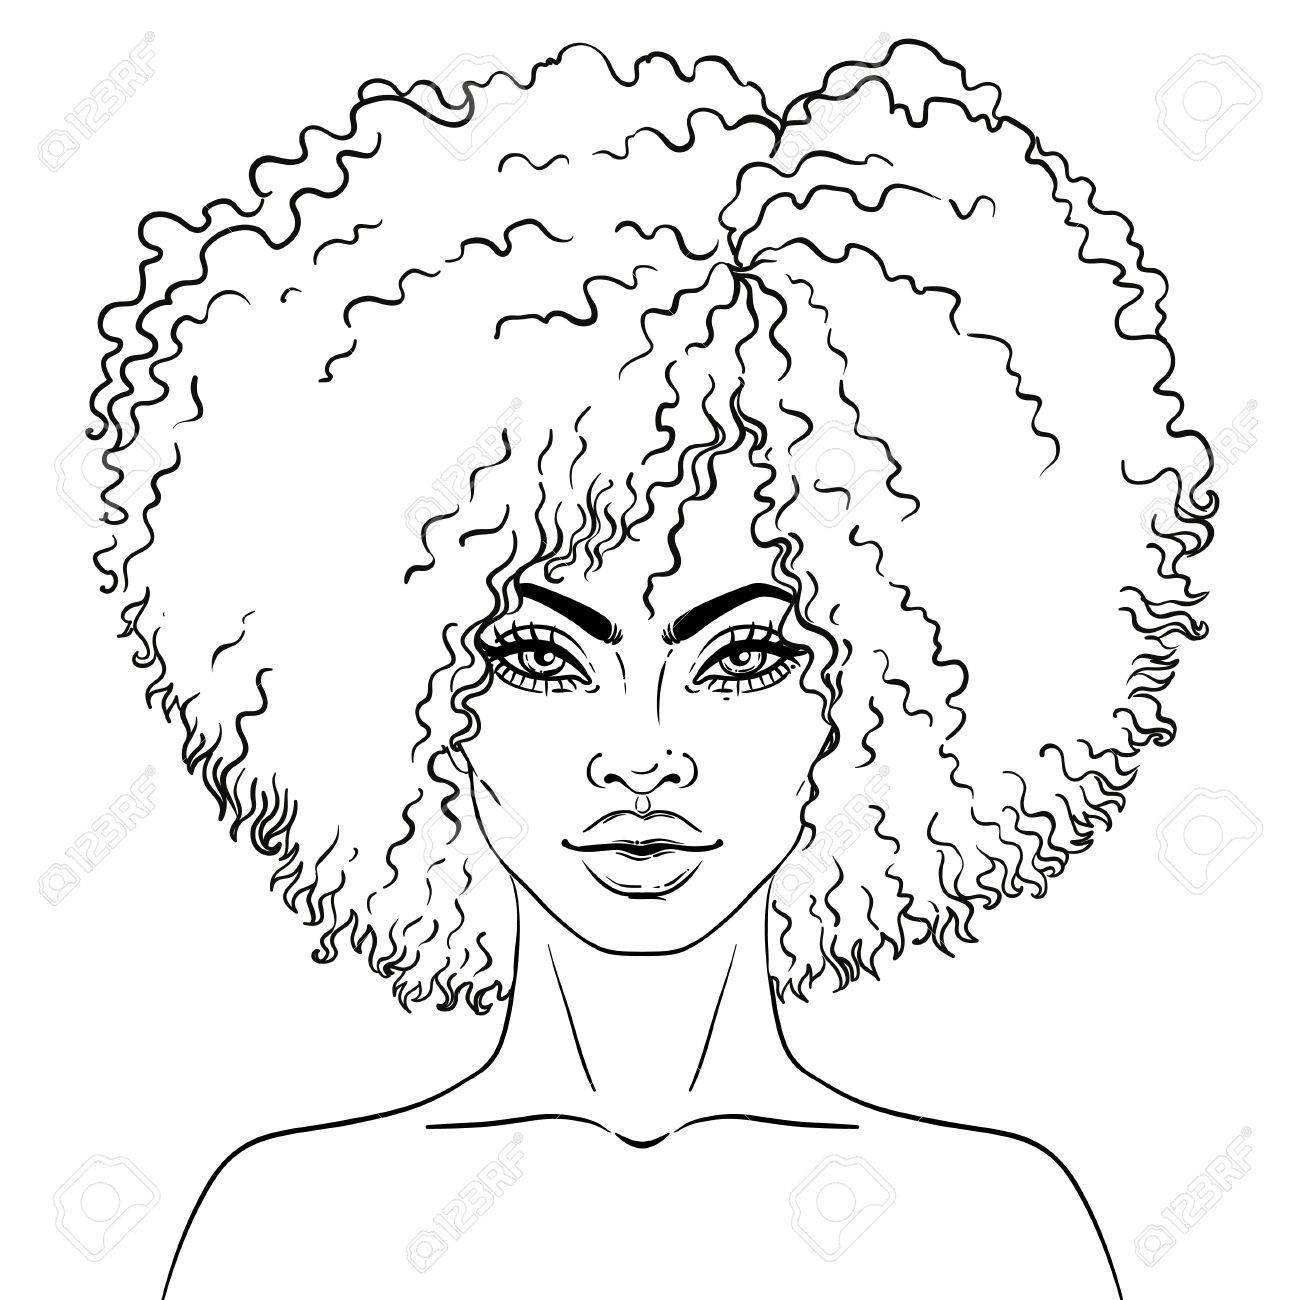 Afro Americaine Jolie Fille Illustration Vectorielle De Femme Noire Ideal Pour Les Avatars Livre De Coloriage Pour Adultes Carte De Visage